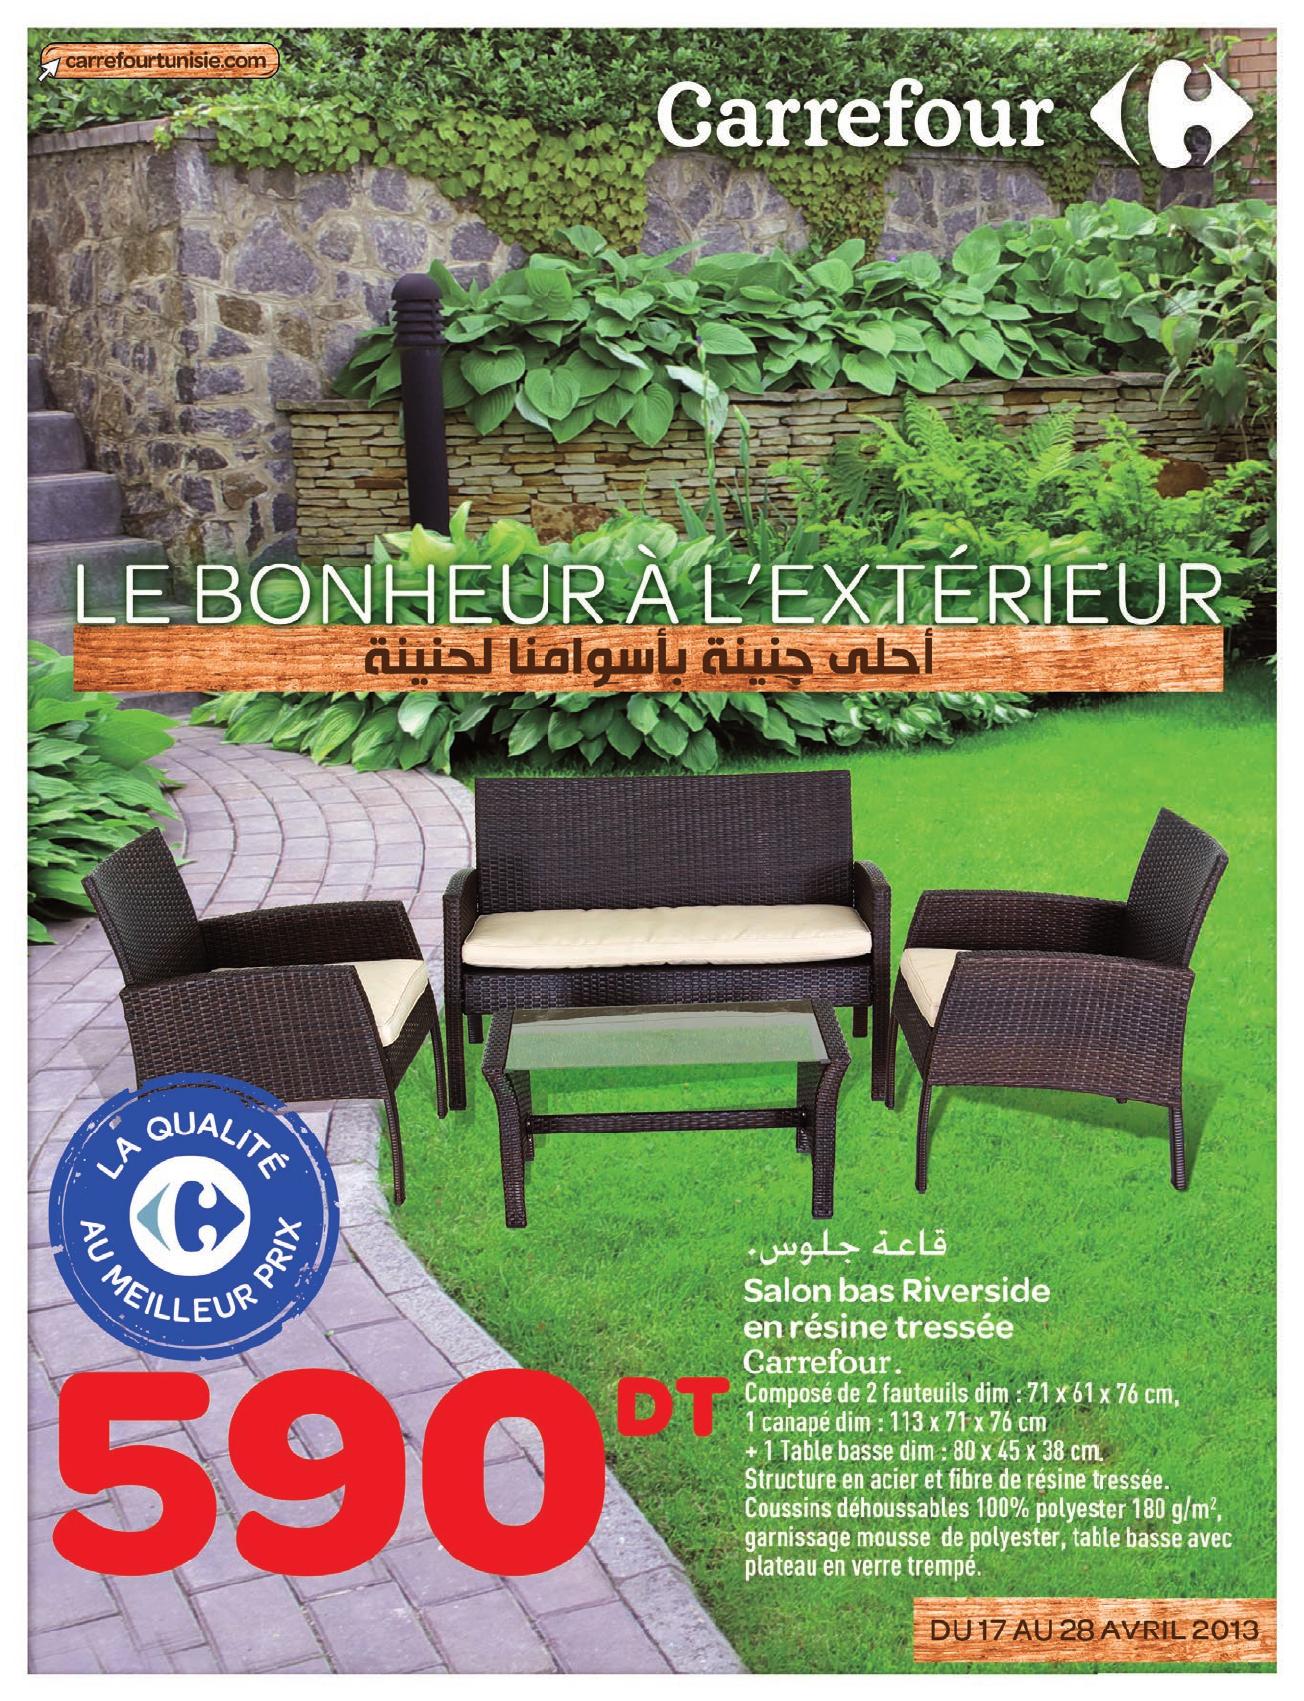 Catalogue Carrefour Le Bonheur L'extrieur - [Pdf Document] avec Chaise Longue De Jardin Carrefour